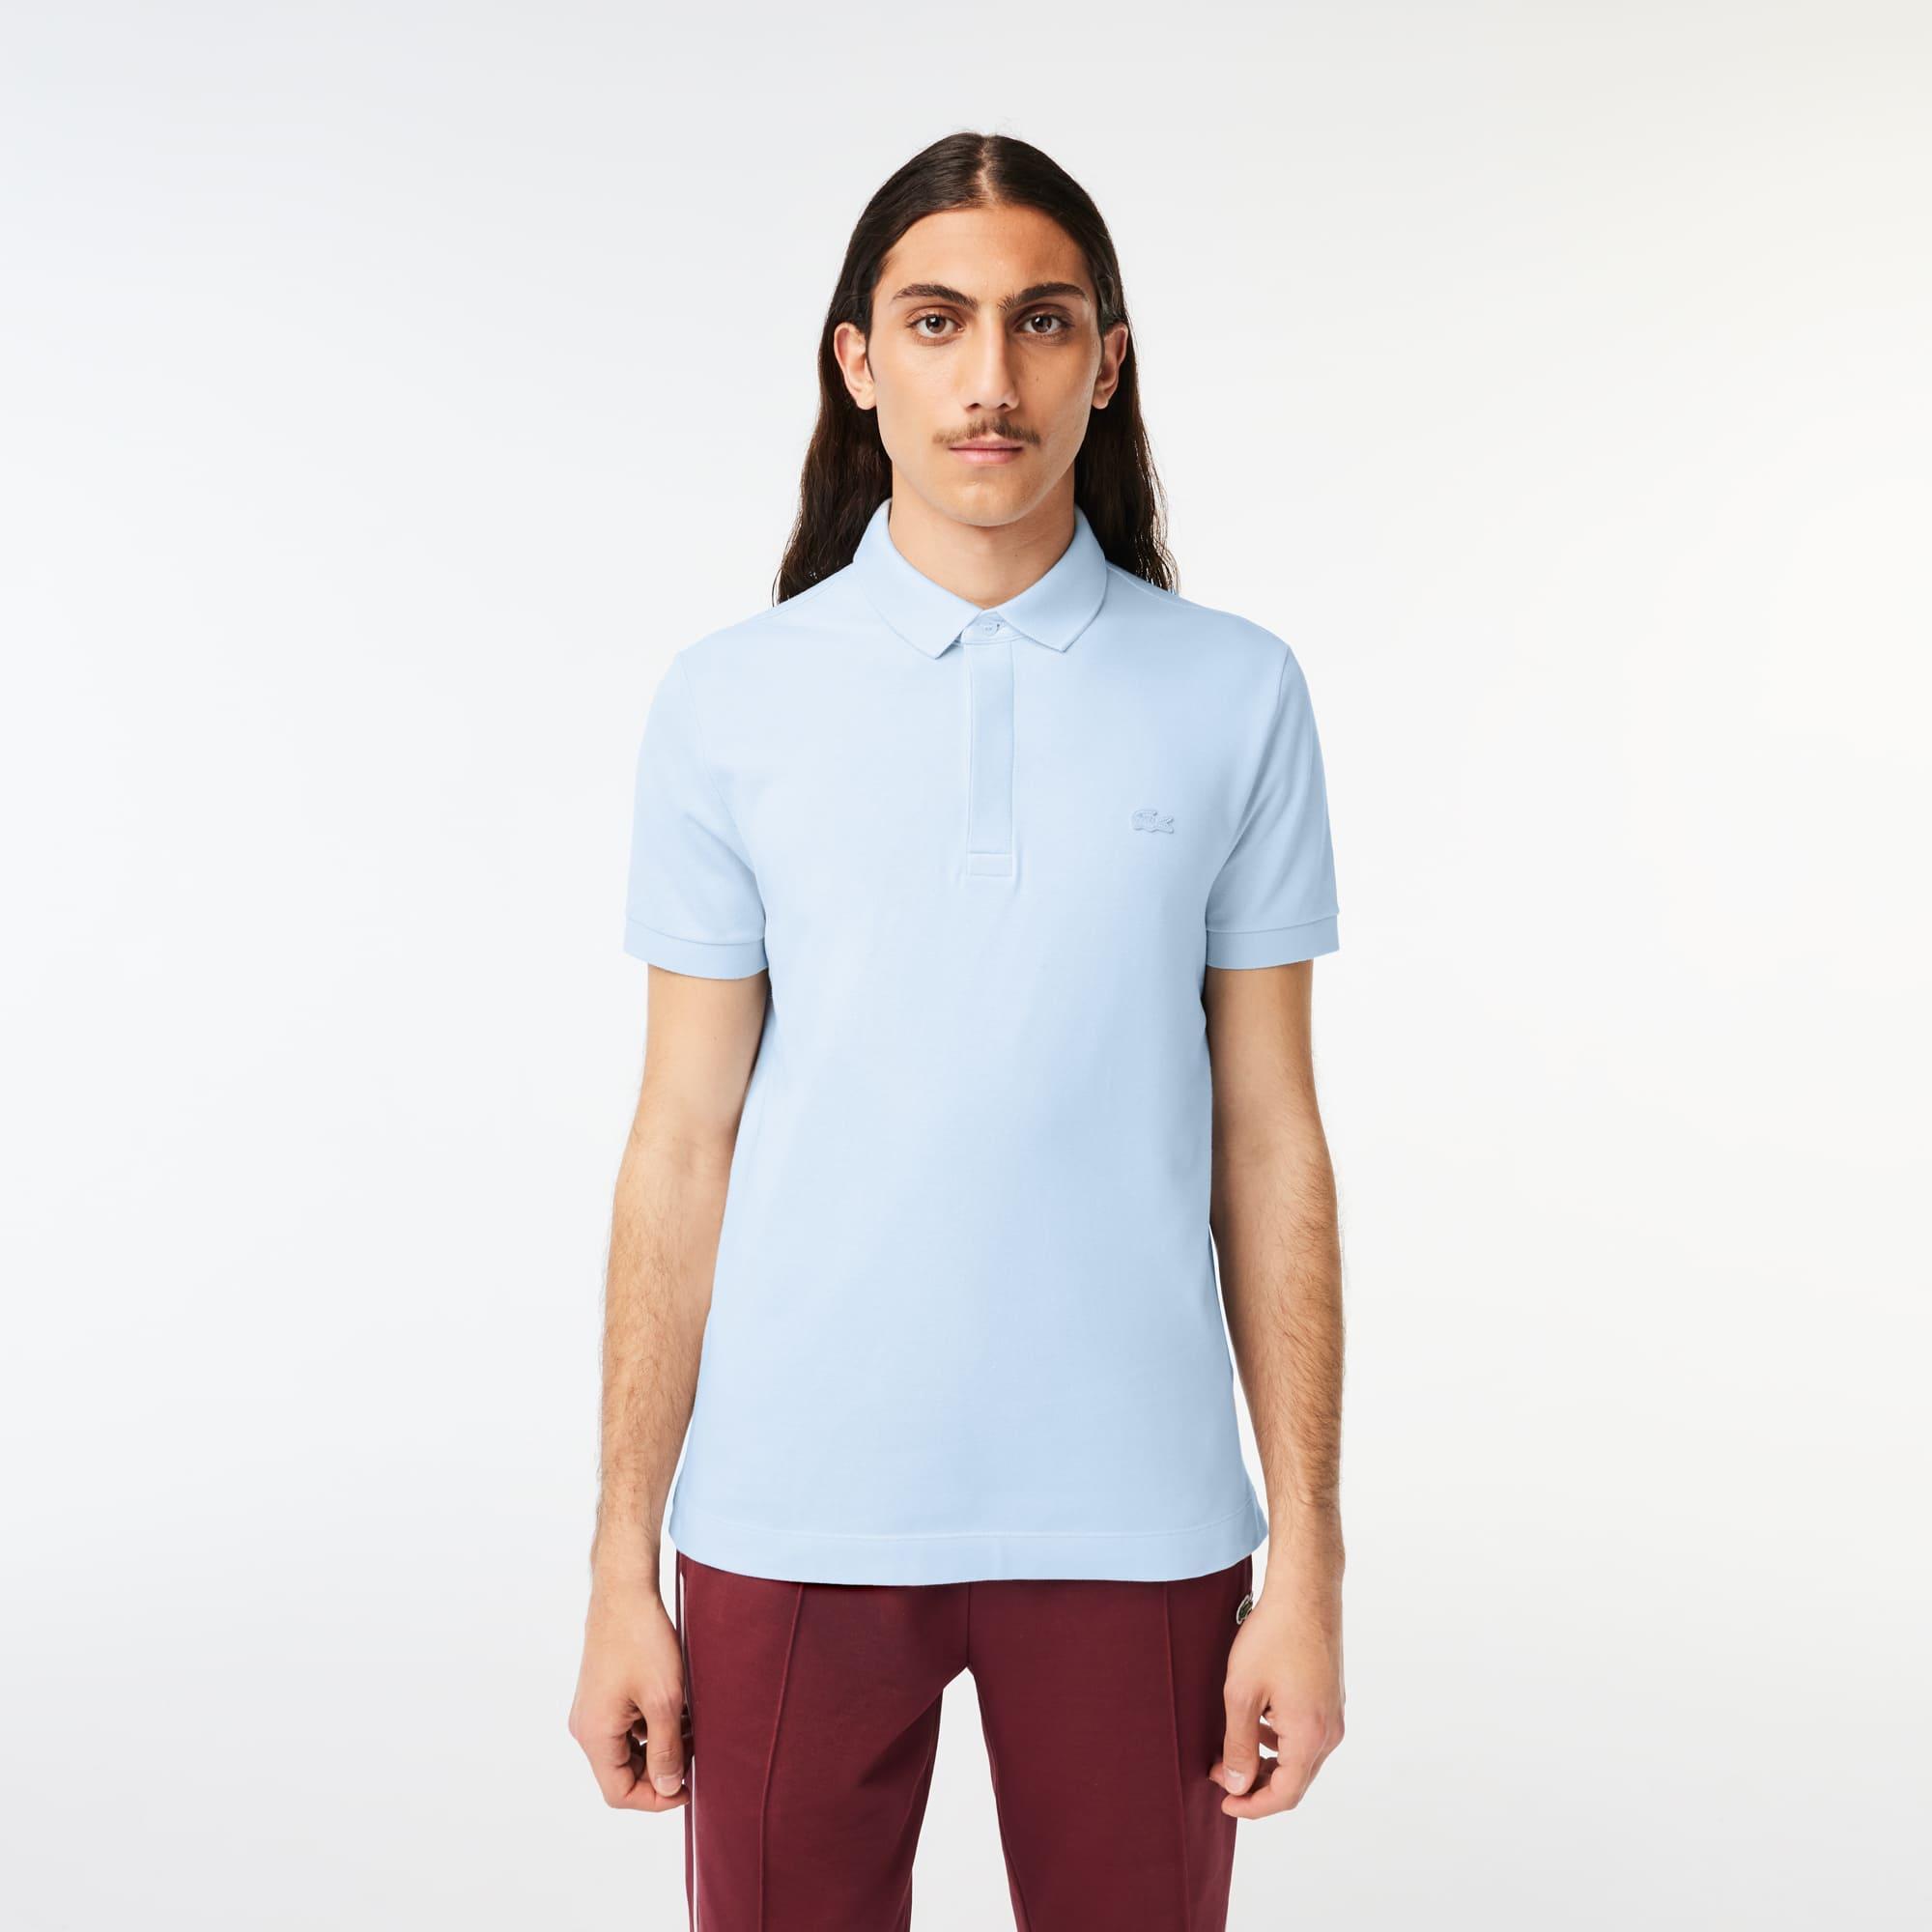 Camisa Polo Lacoste Paris Regular Fit Masculina em piquet de Algodão Stretch e177b7aba3